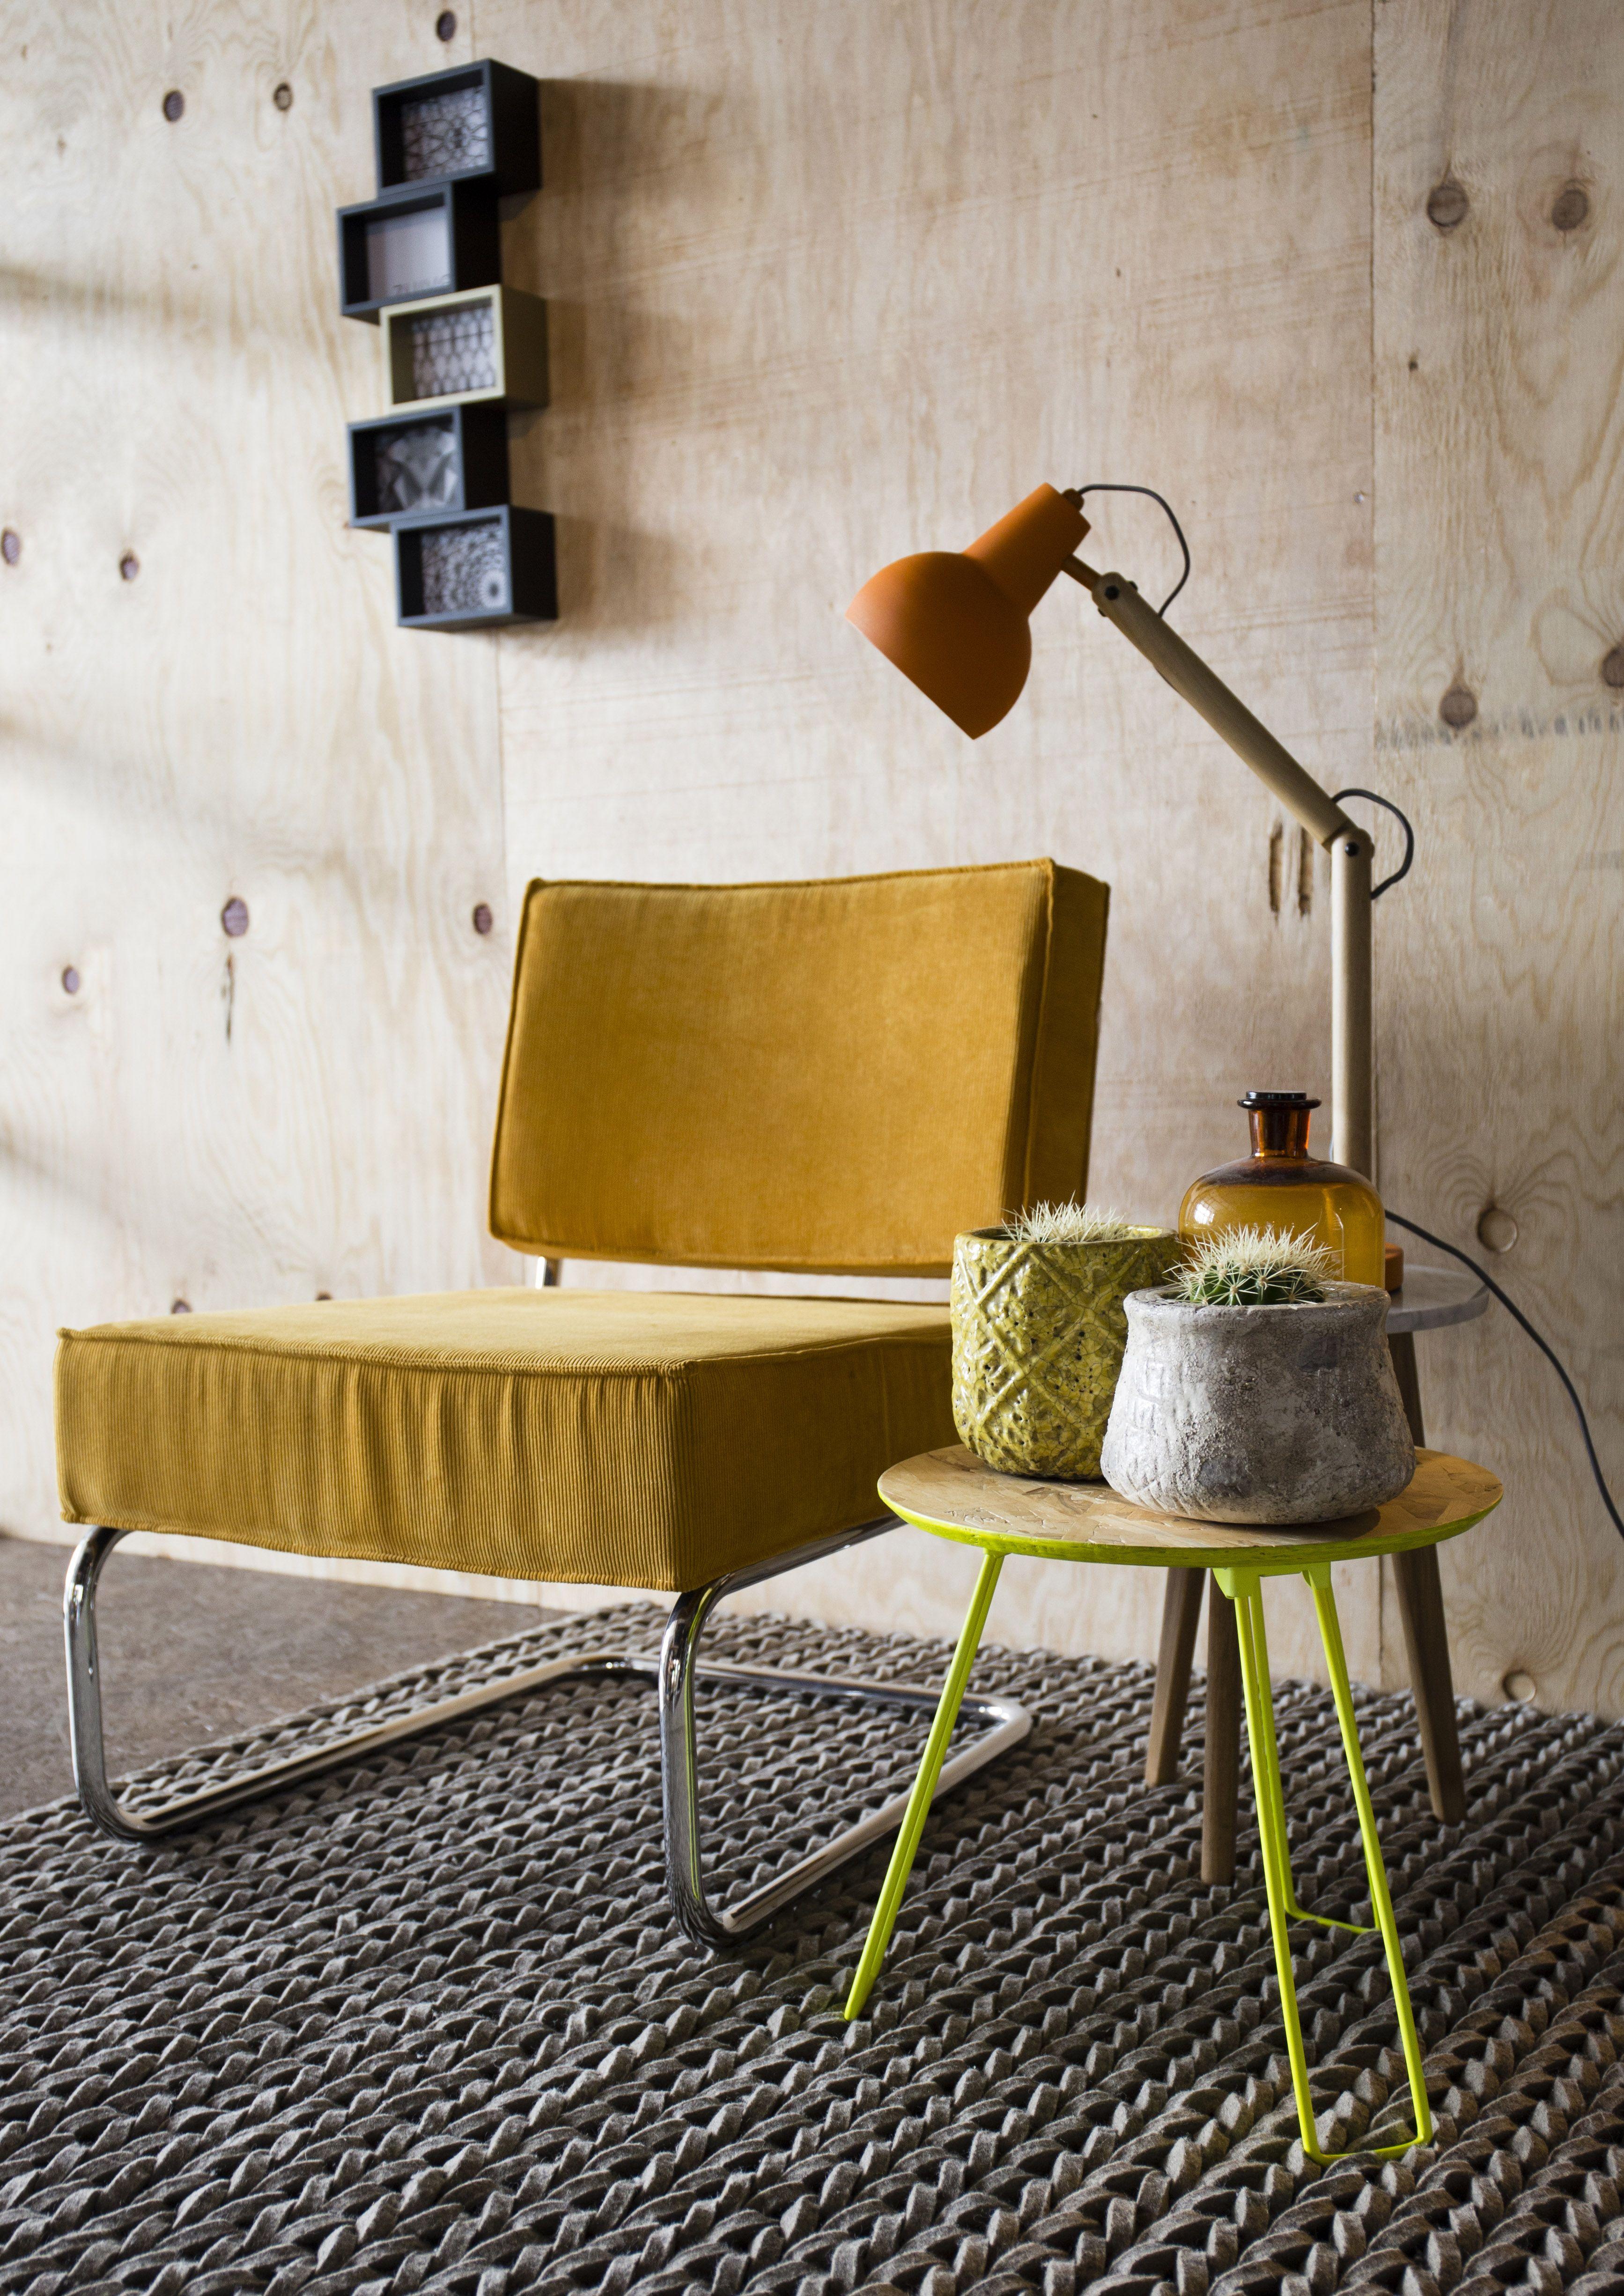 Design Luie Stoel.Fauteuil Ridge Rib Lounge Van Zuiver Is De Perfecte Luie Stoel Waar